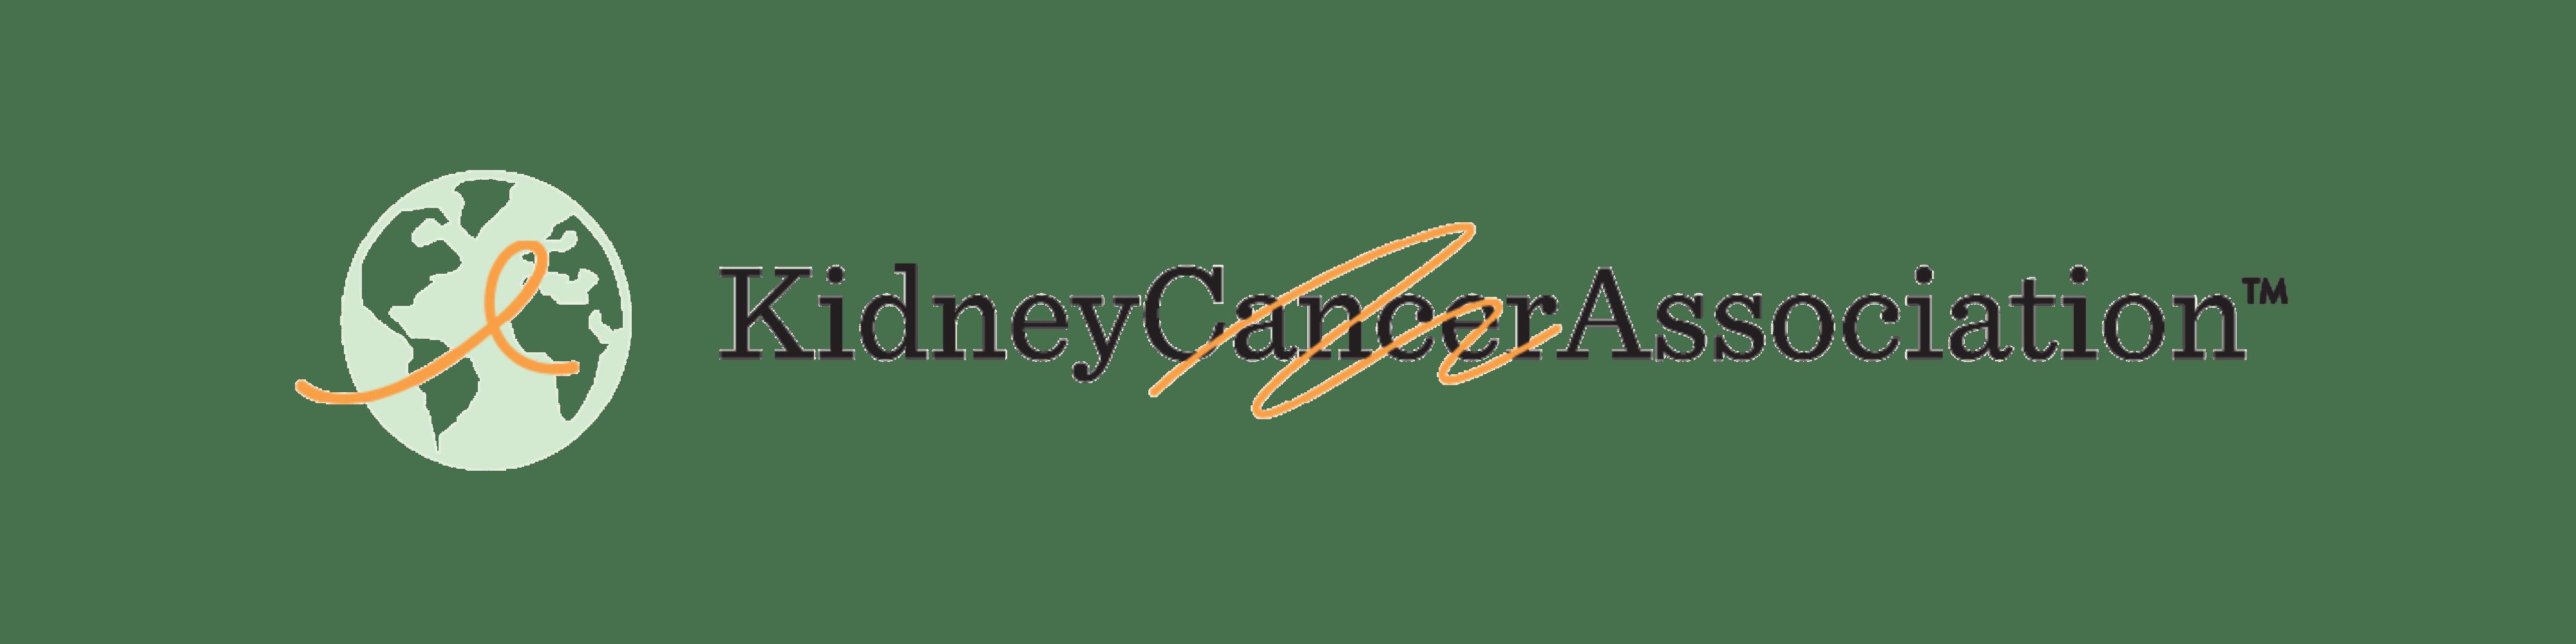 Kidney Cancer Association